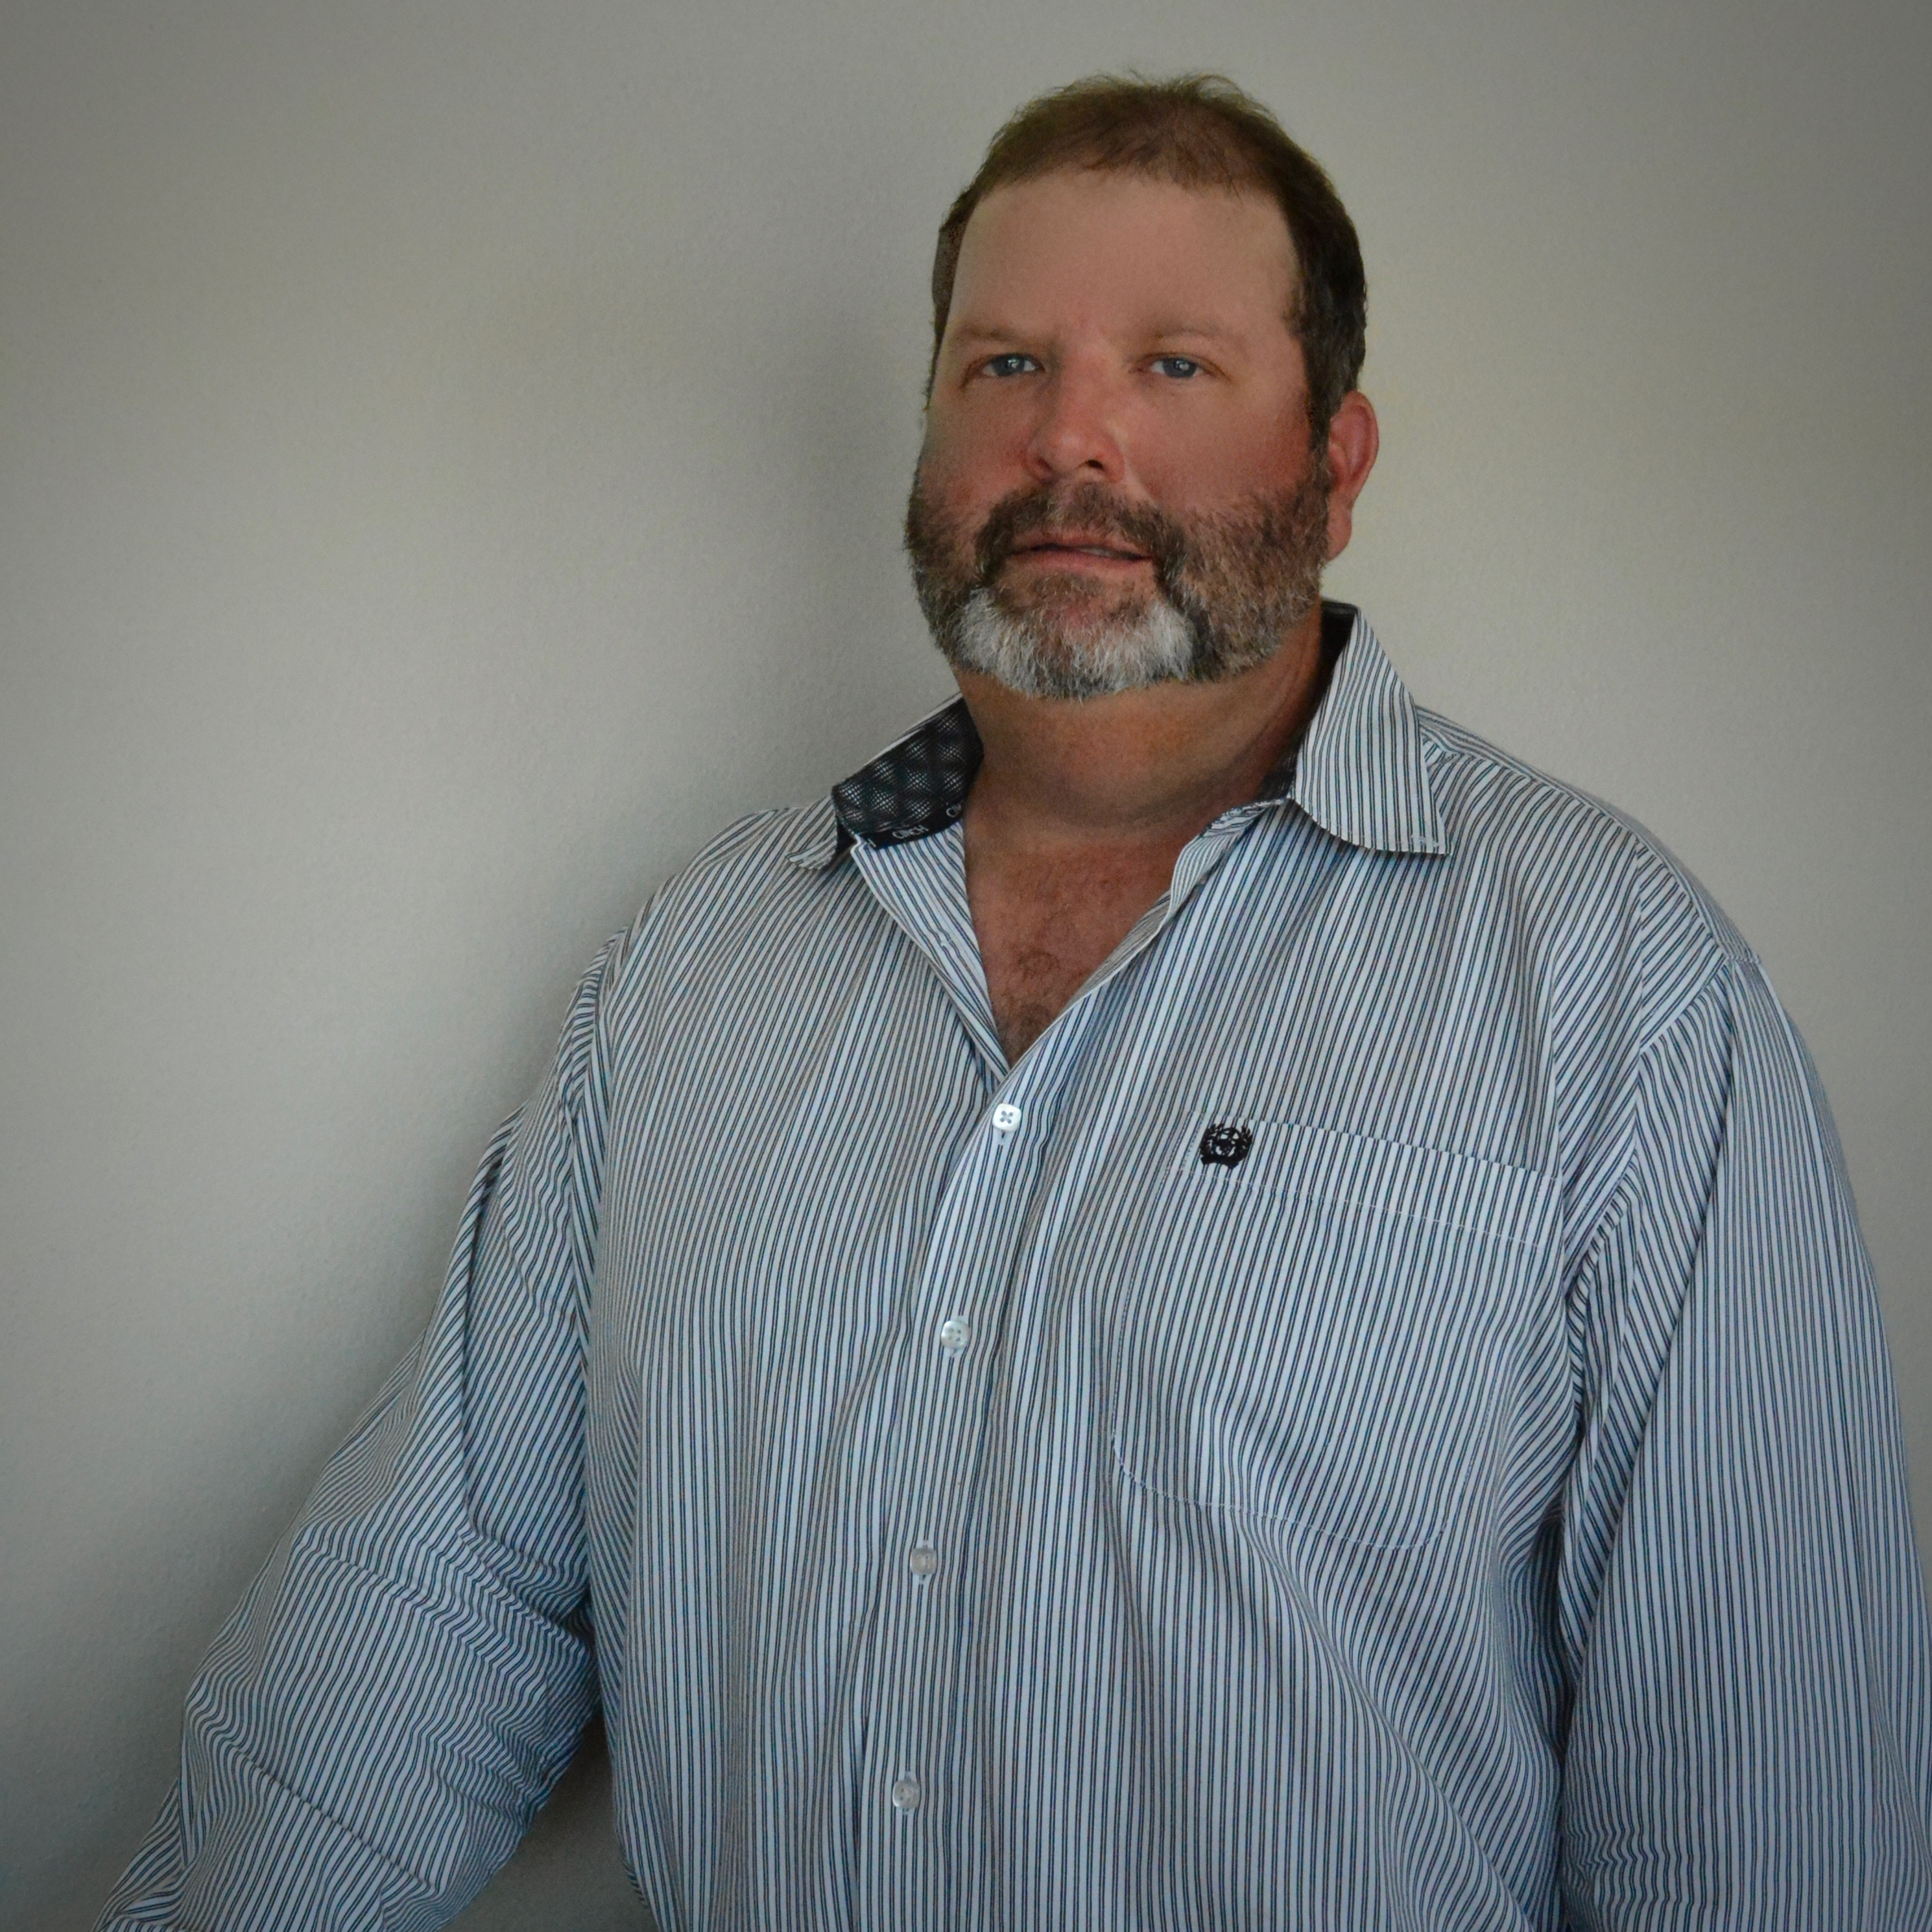 Brad Hinton